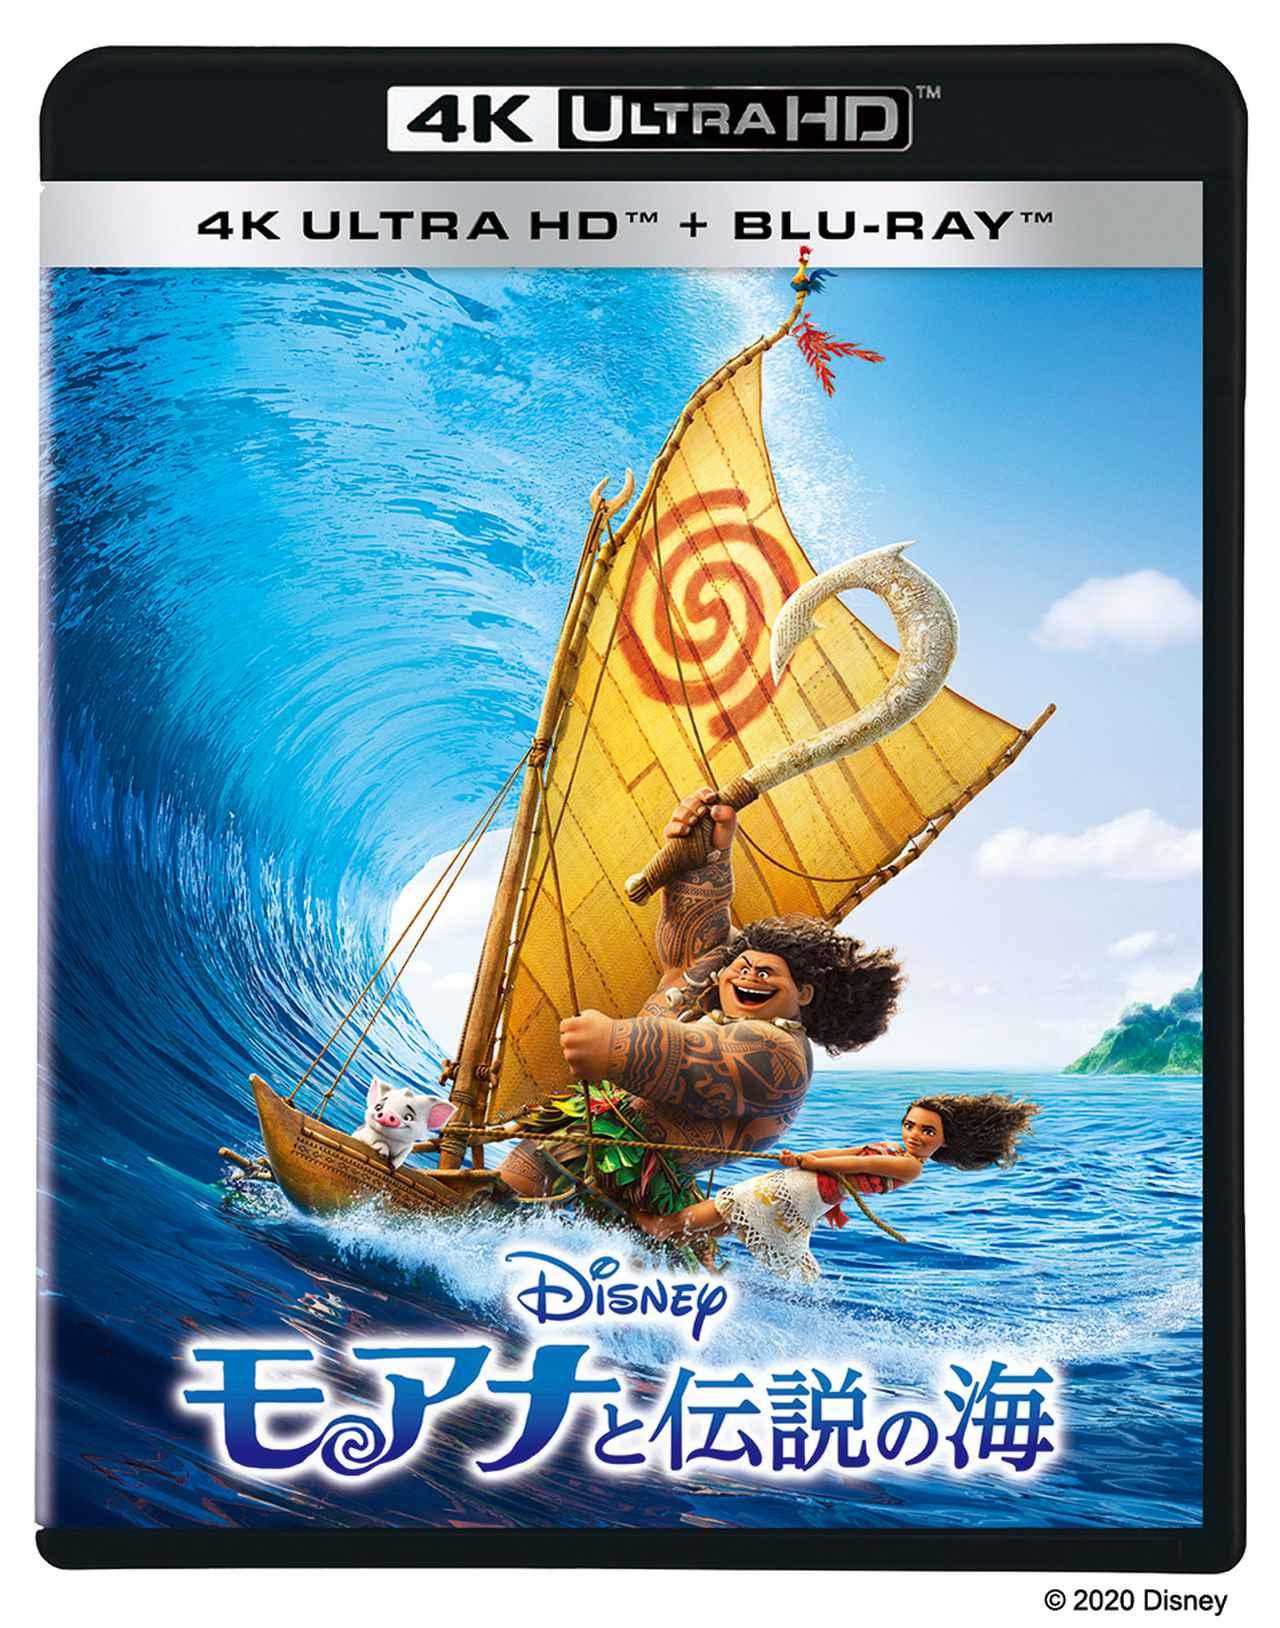 画像: 『モアナと伝説の海 4K UHD』(5,800円+税)/デジタル配信中